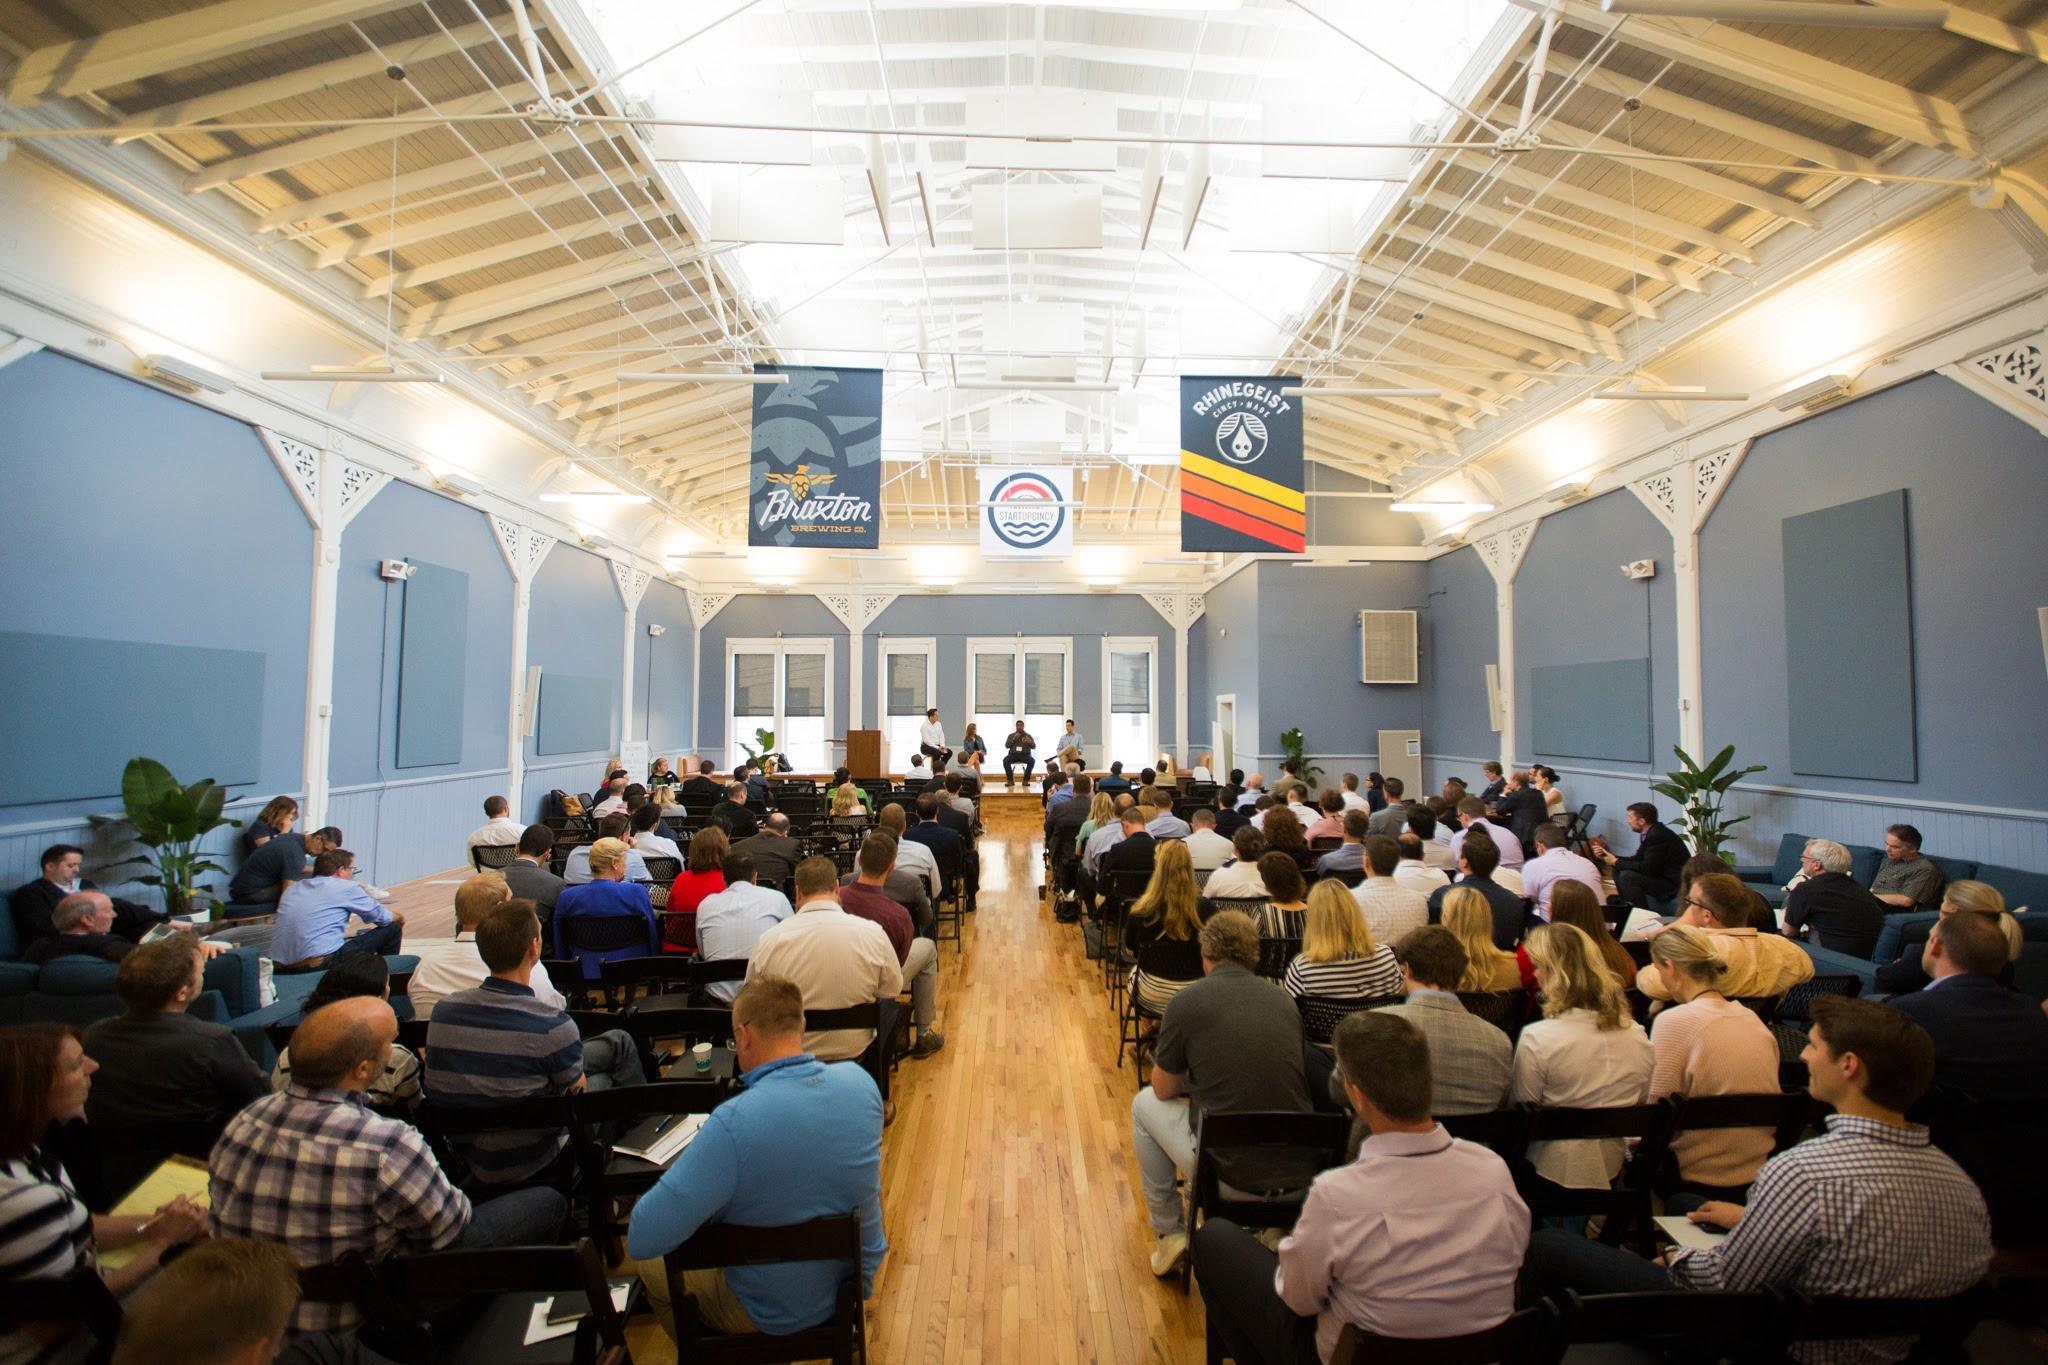 Union hall, Cincinnati